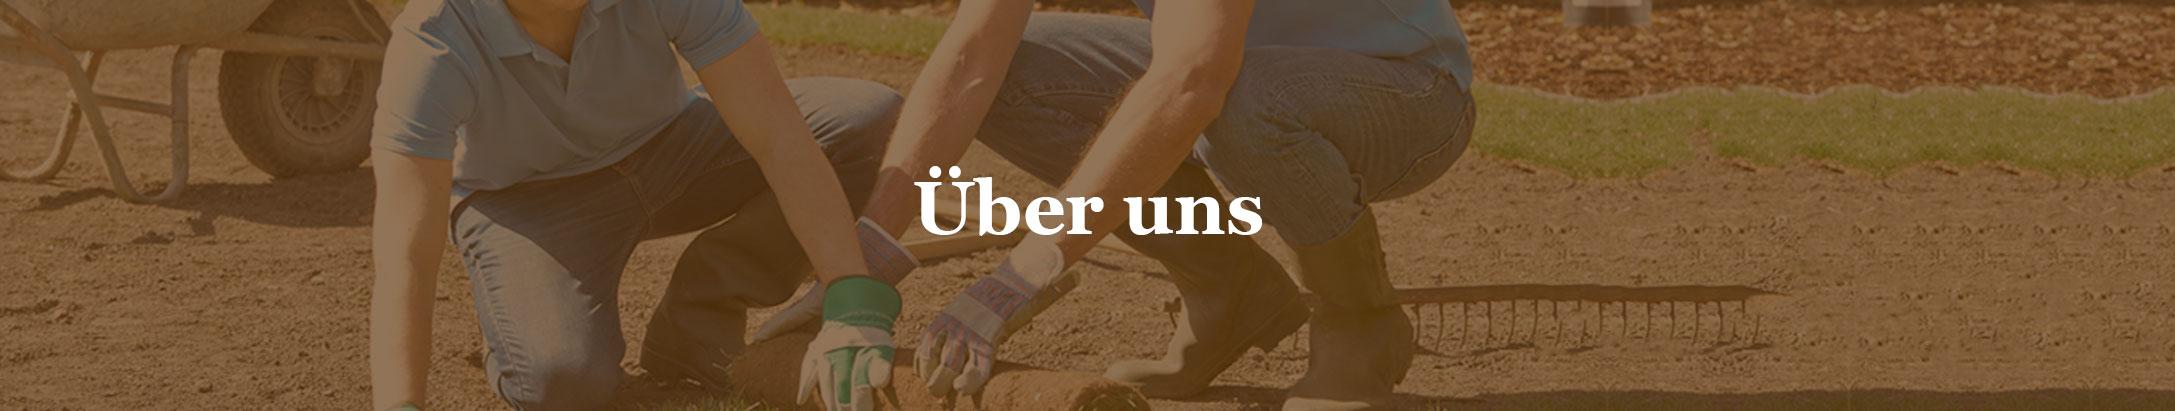 header_ueber_uns